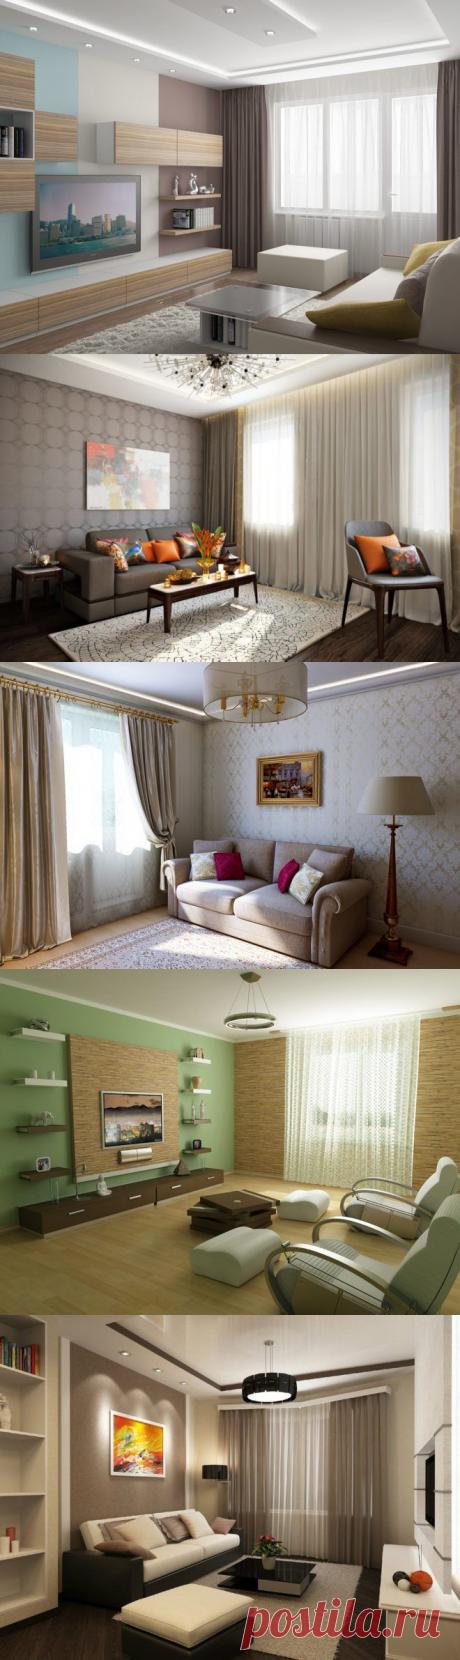 Интерьеры гостиной: фото просто и со вкусом